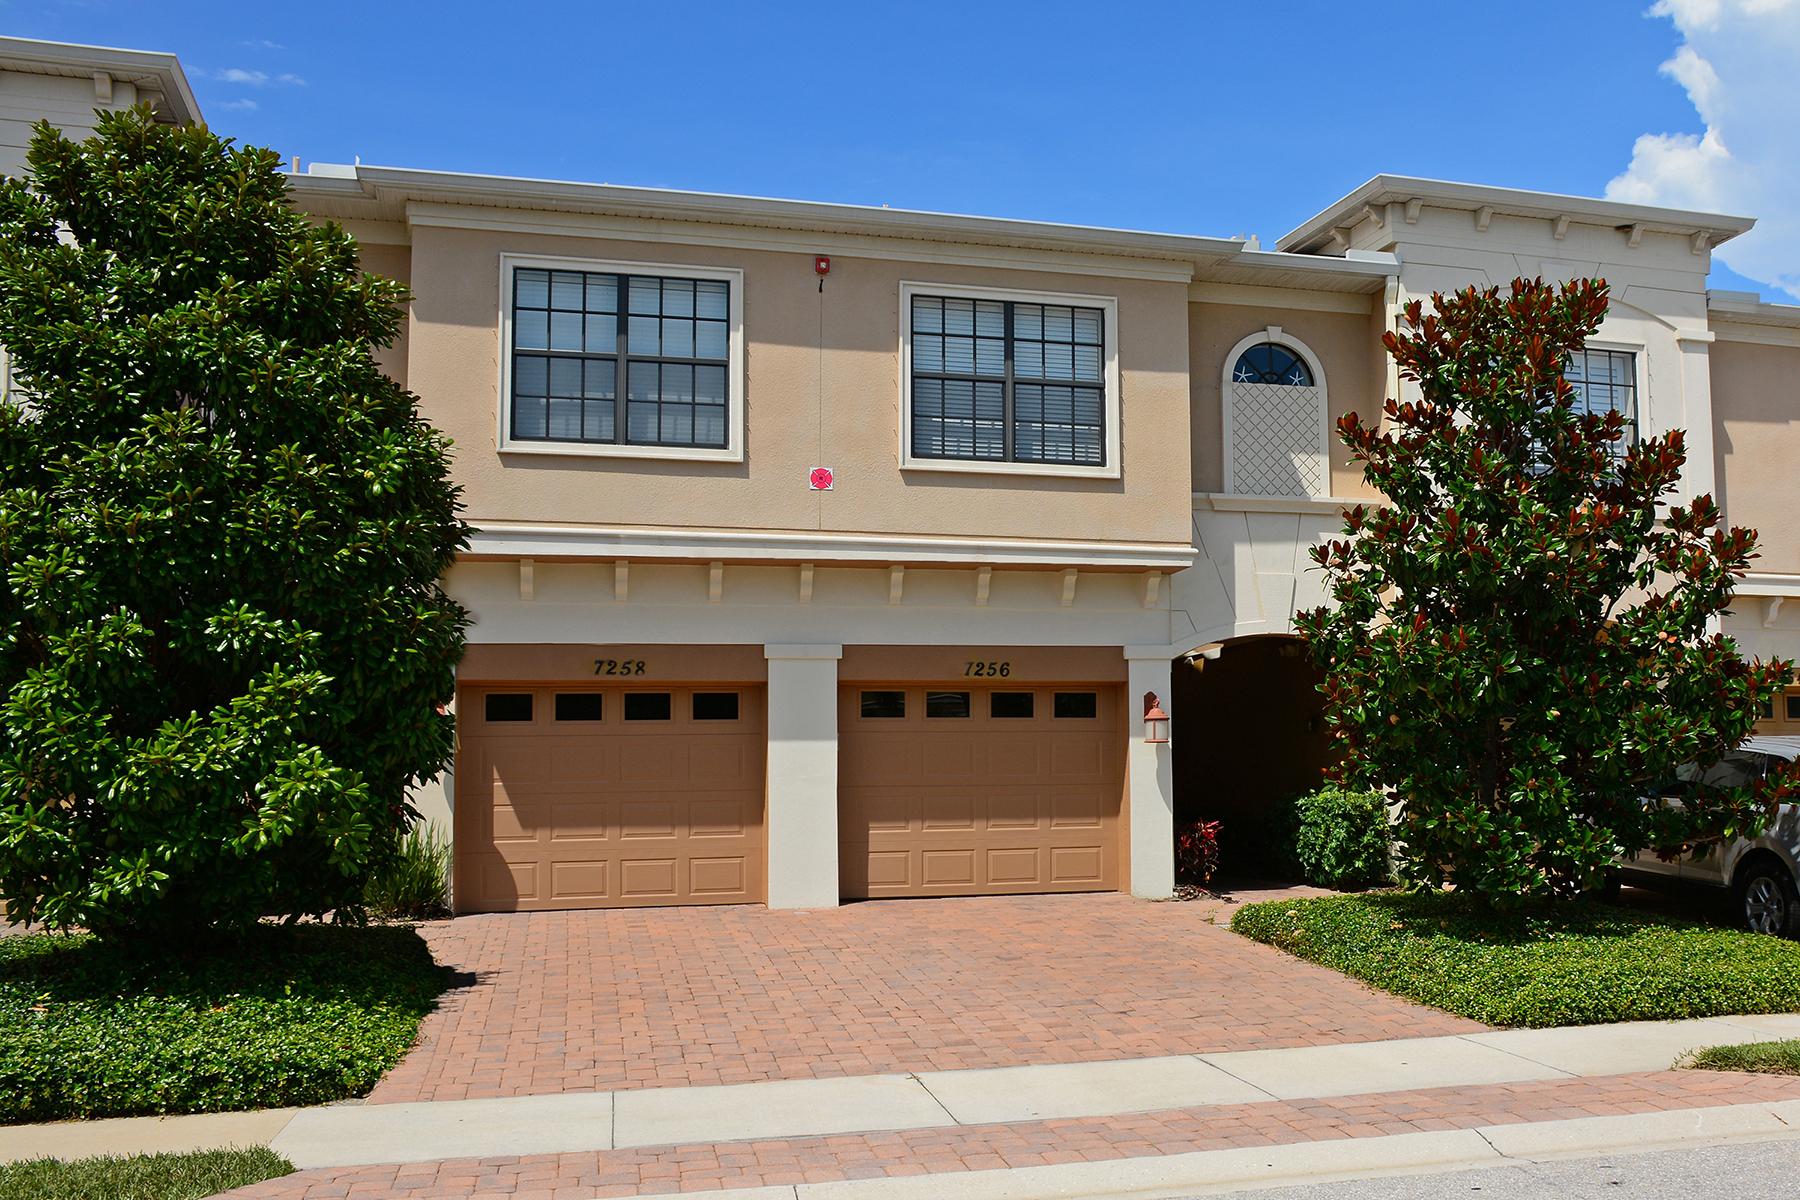 Townhouse for Sale at BRADENTON 7256 Hamilton Rd Bradenton, Florida 34209 United States